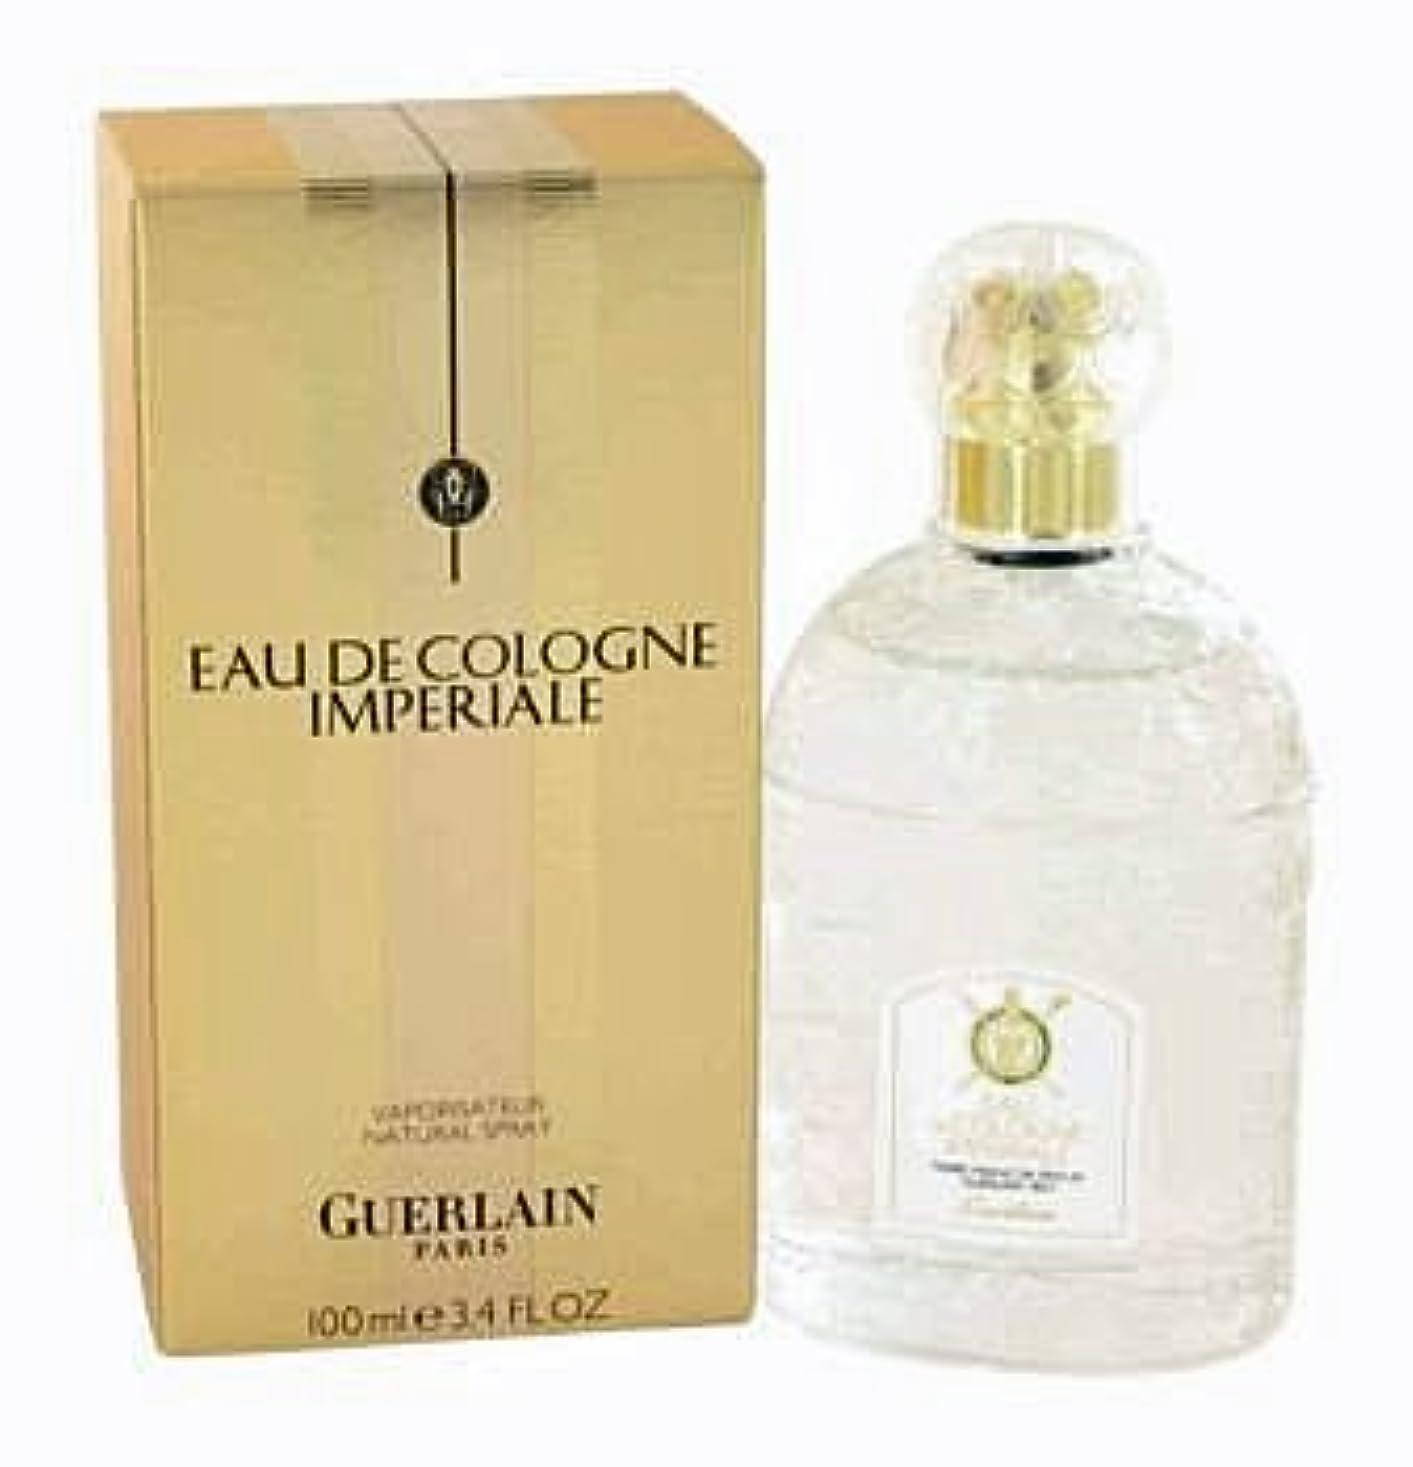 ヒールつぶやき風刺Eau de Cologne Imperiale Guerlain Spray 100 ml [並行輸入品]